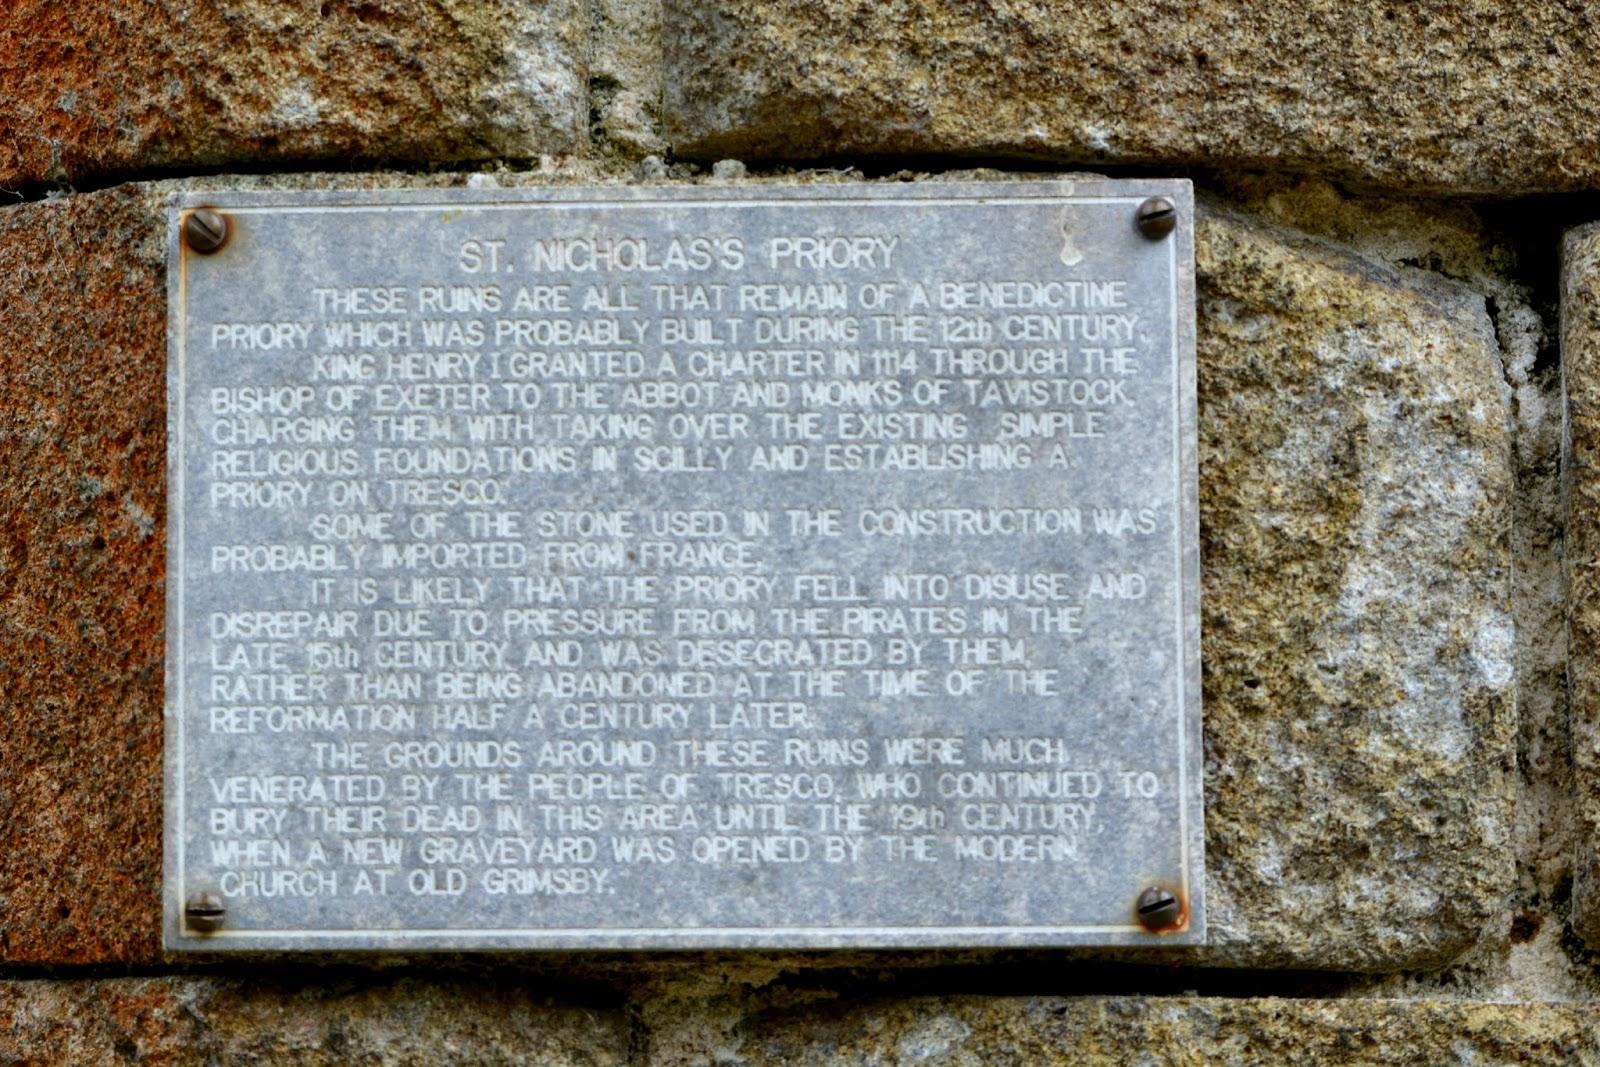 Tresco Abbey Gardens history